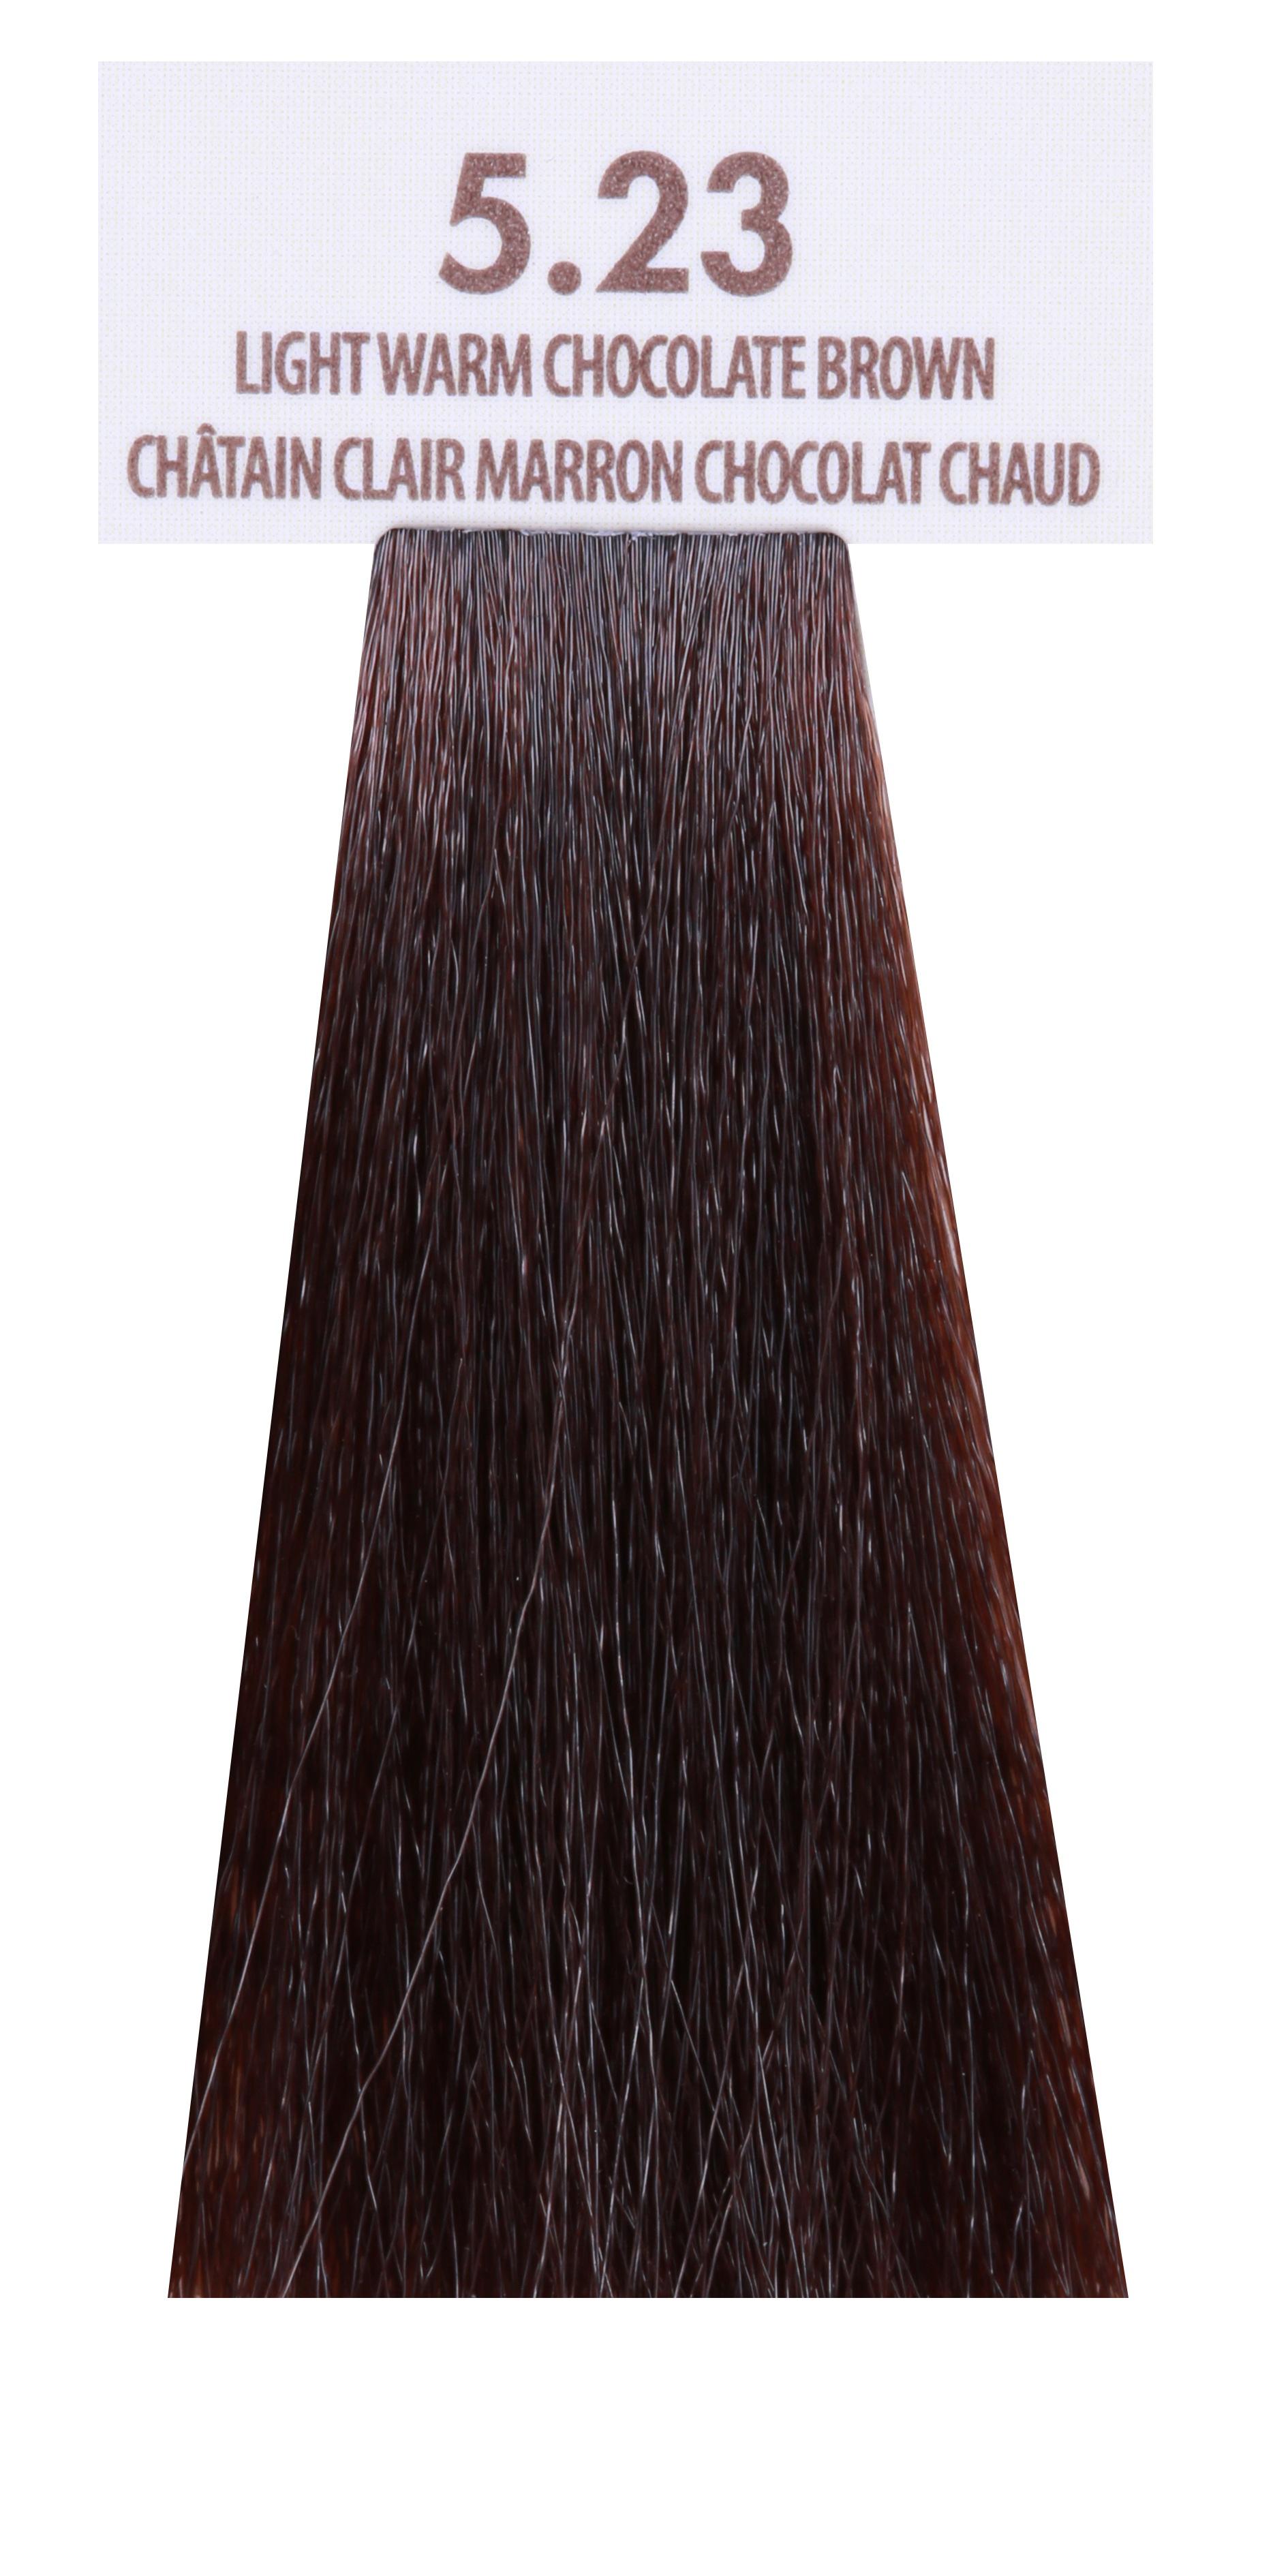 MACADAMIA NATURAL OIL 5.23 краска для волос, светлый теплый шоколадный каштановый / MACADAMIA COLORS 100 мл